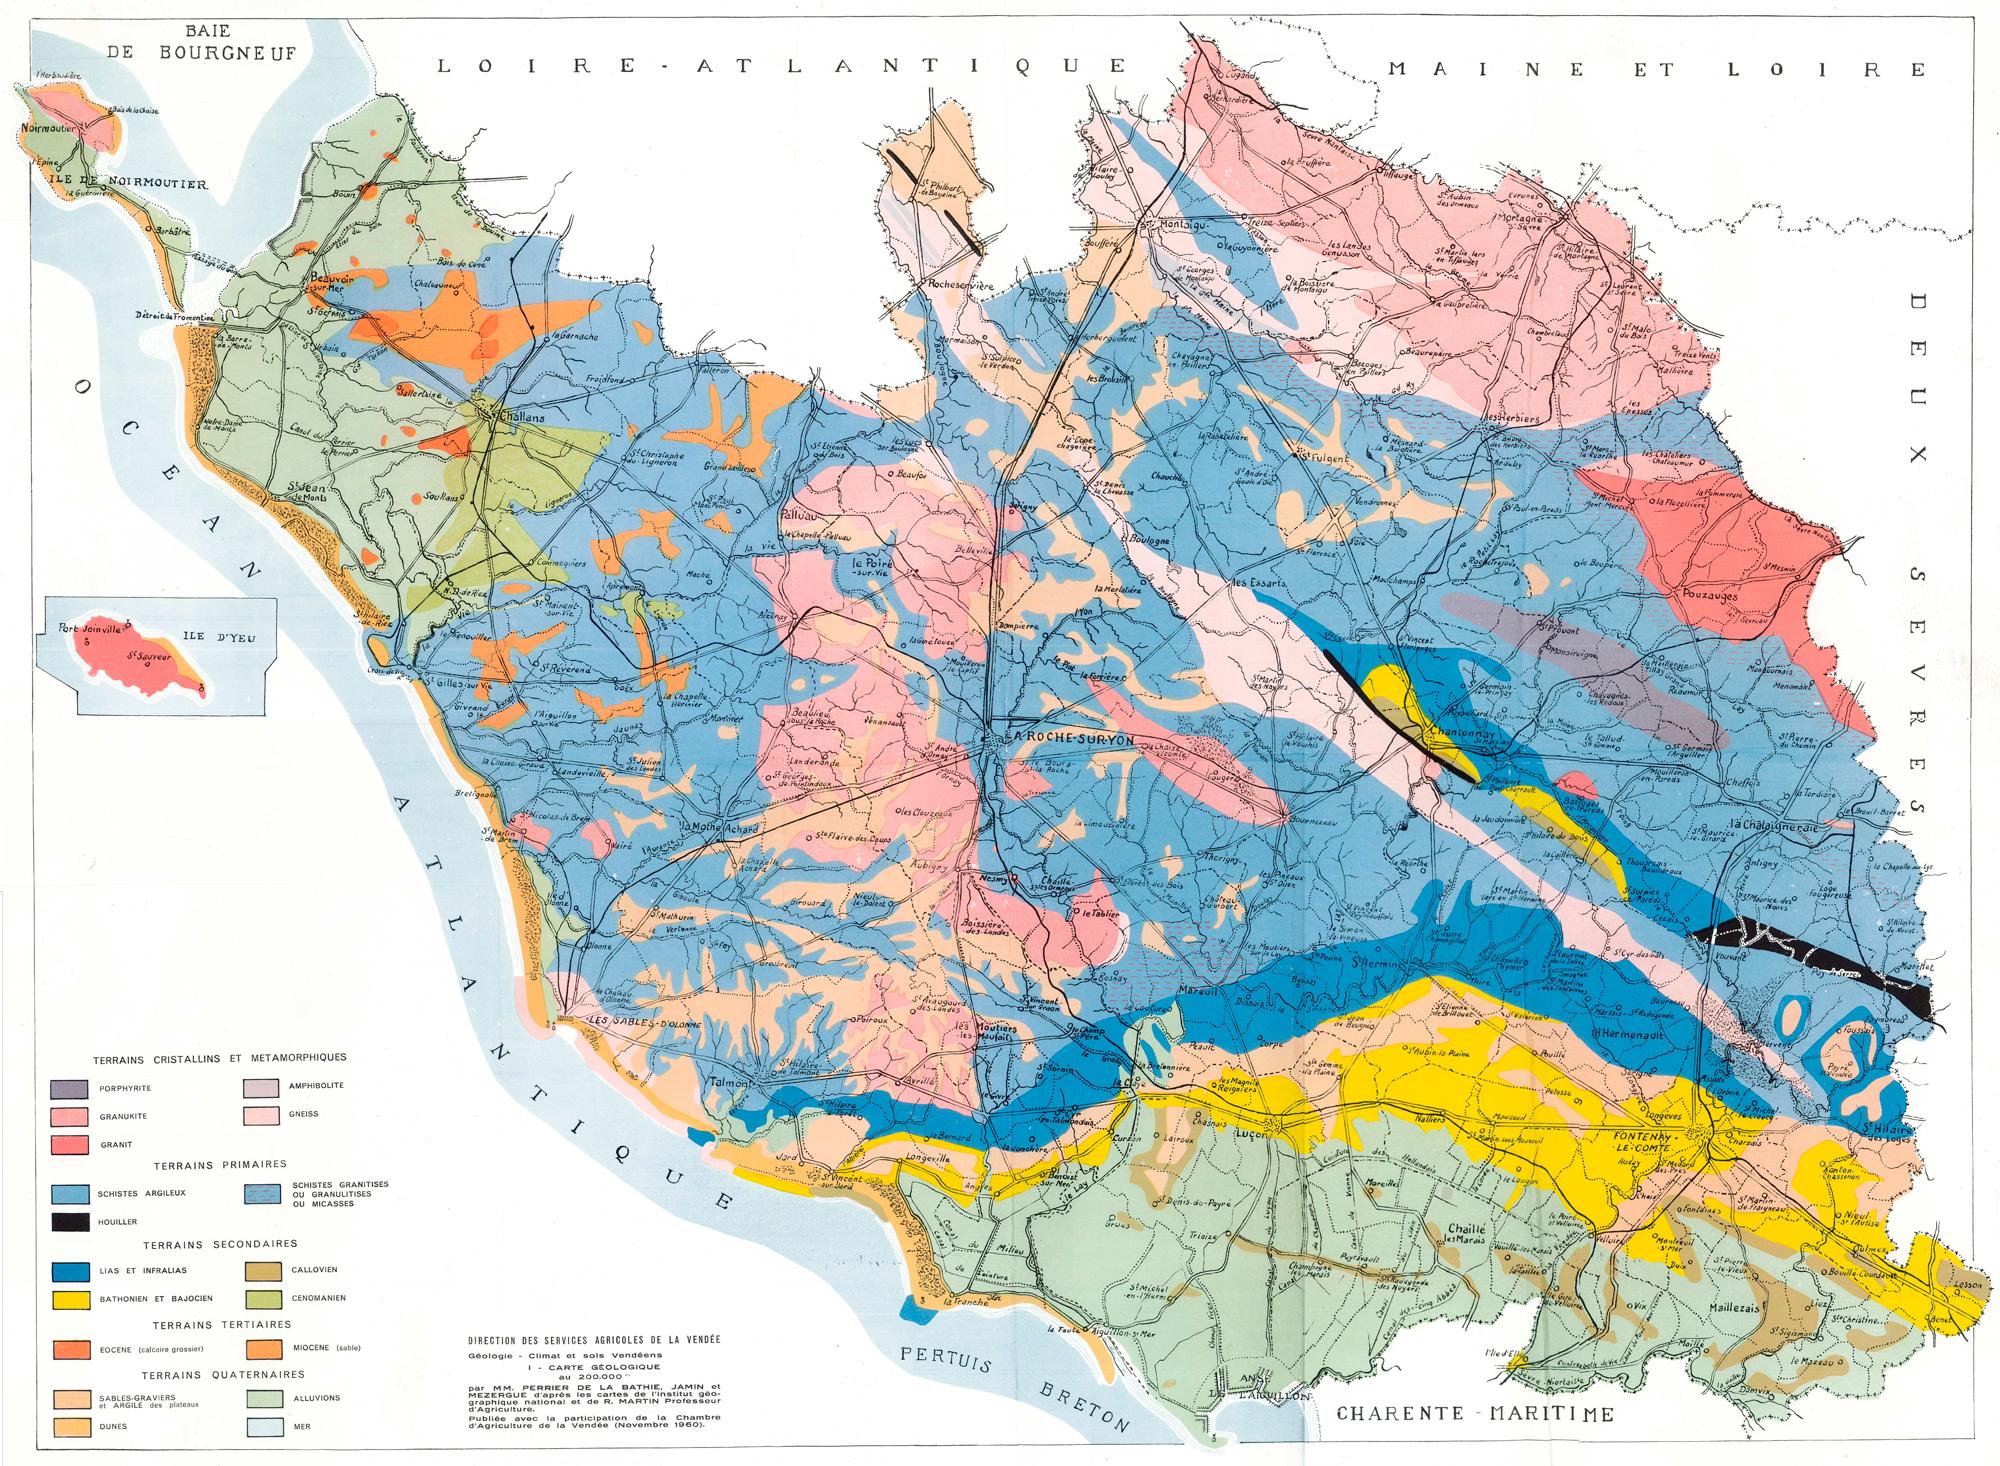 carte-geologique-fiefs-vendeens